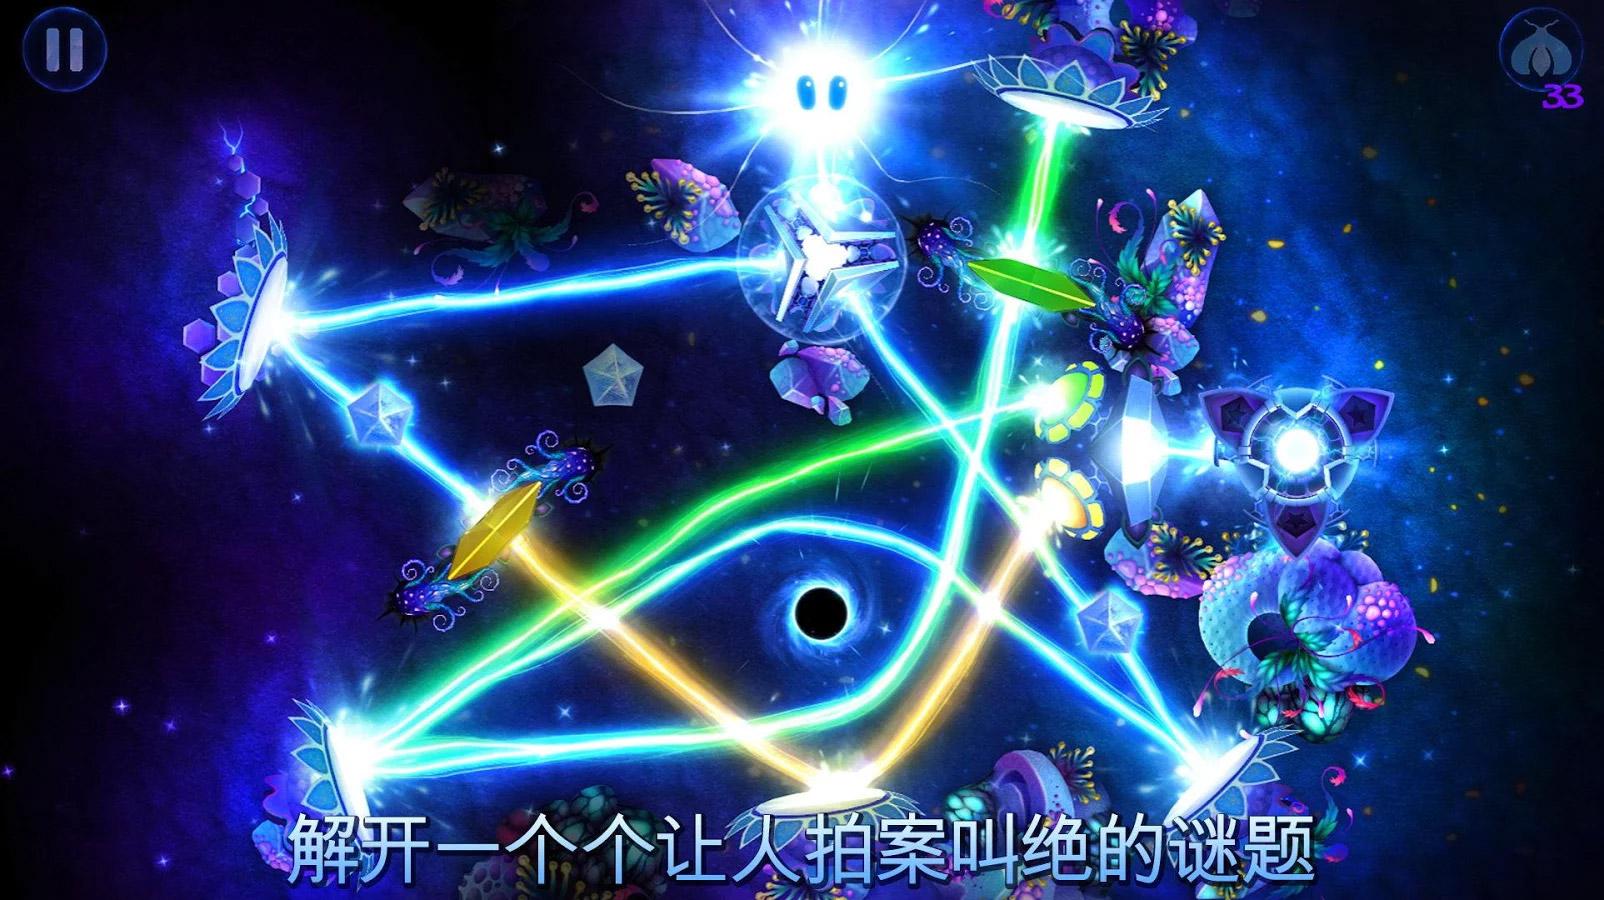 神之光截图(2)